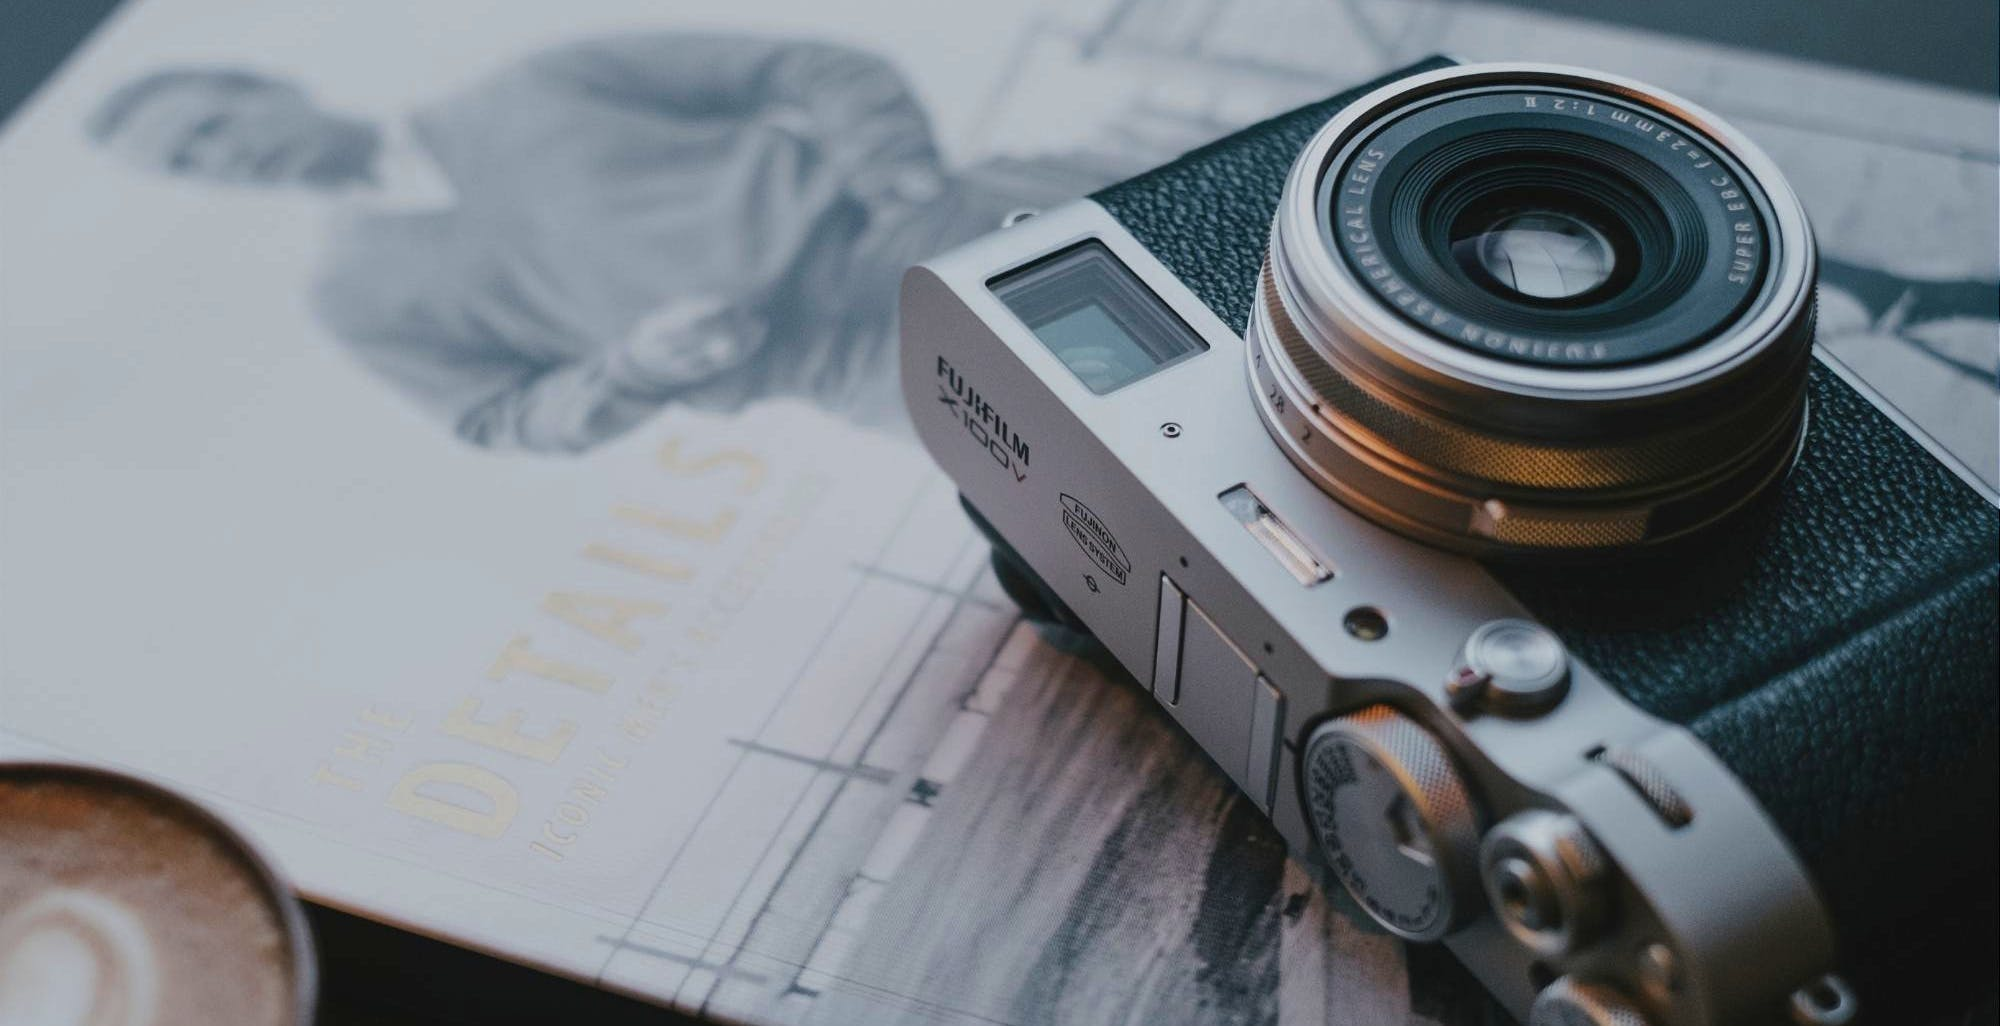 Nasce la scuola di fotografia online di Fujifilm. I corsi live saranno gratuiti